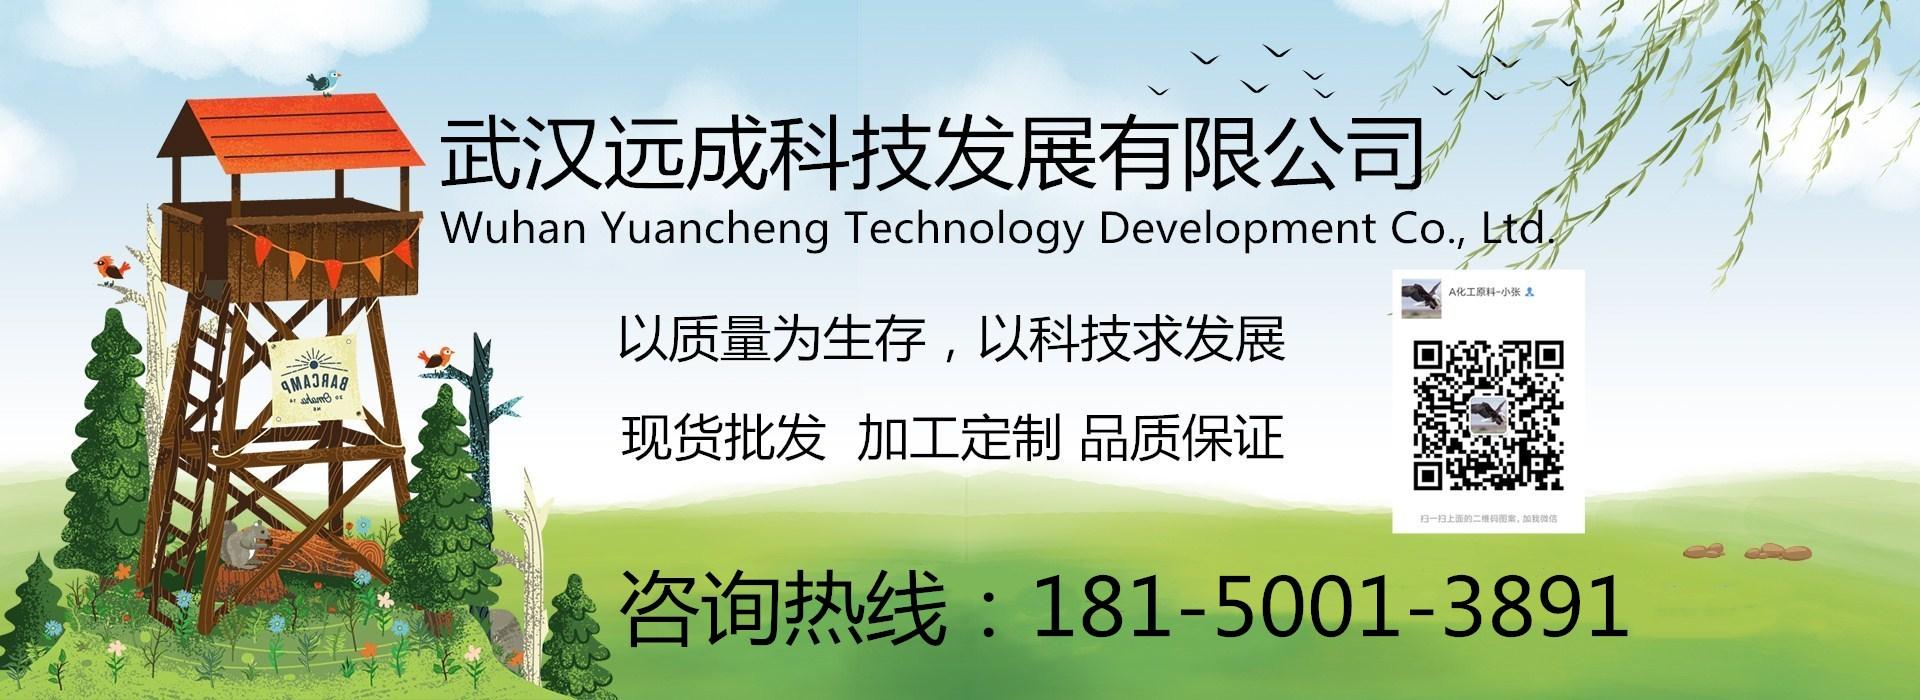 武汉远城科技发展有限公司